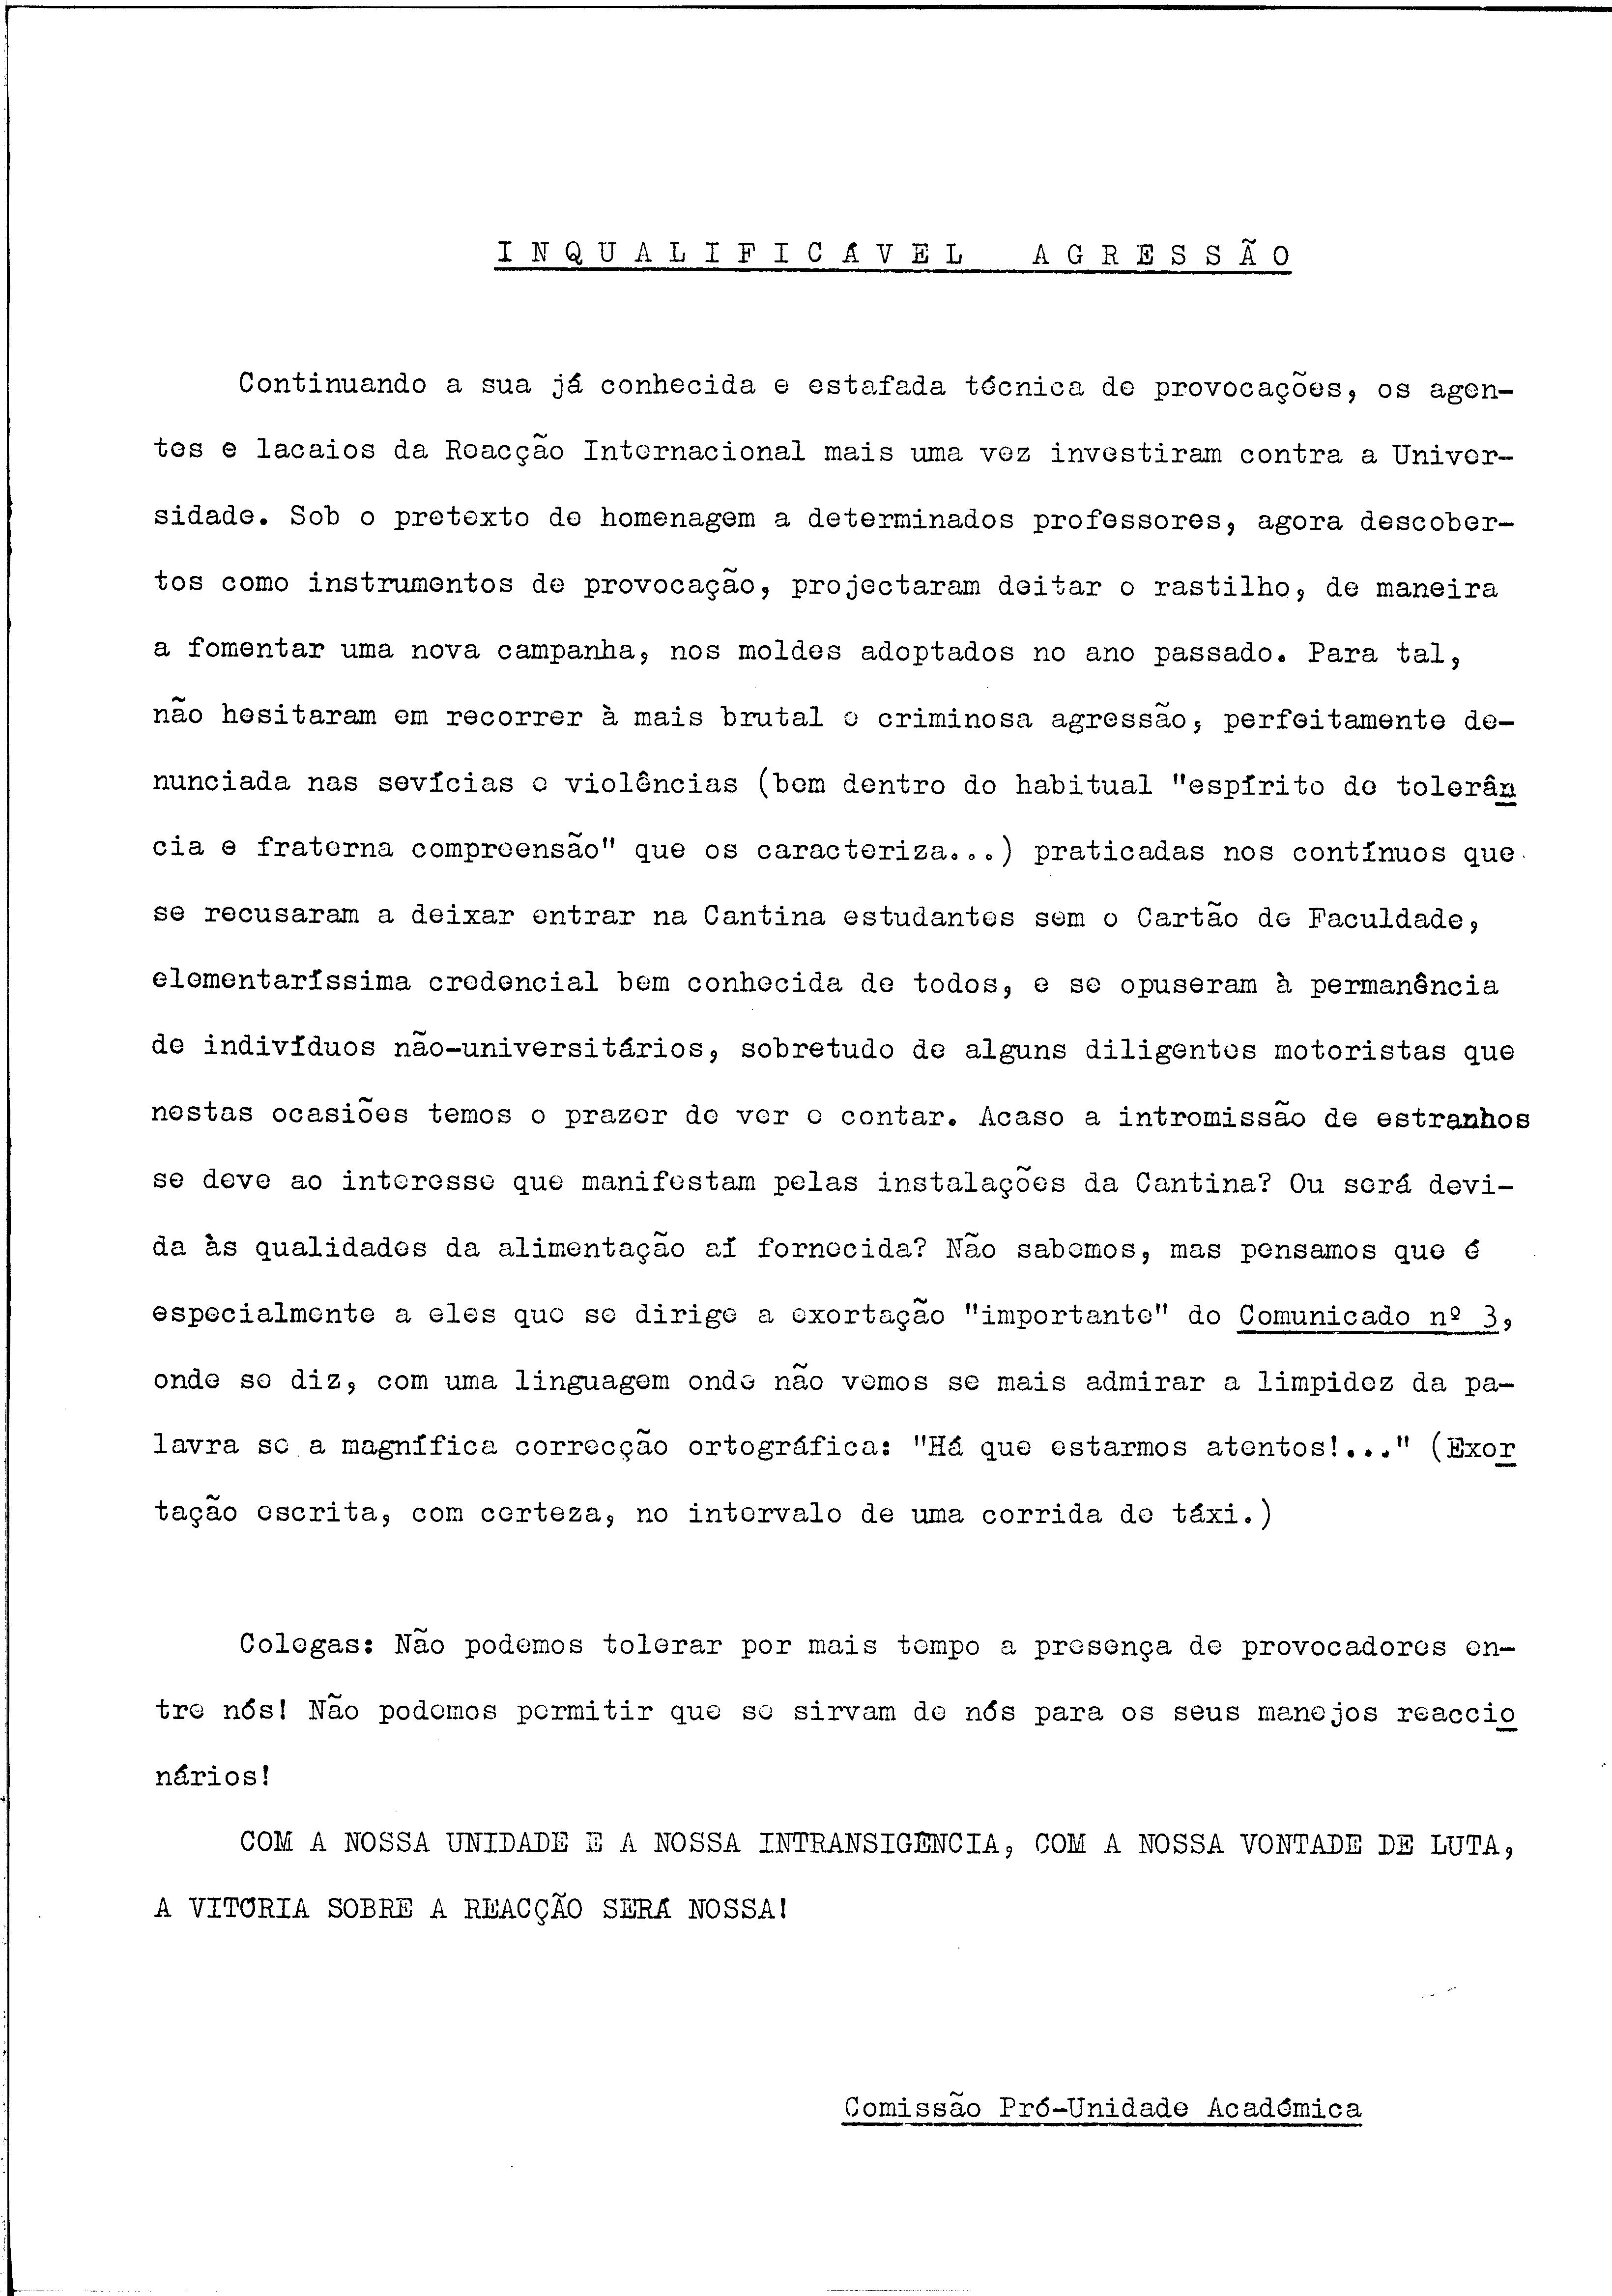 02595.029- pag.1